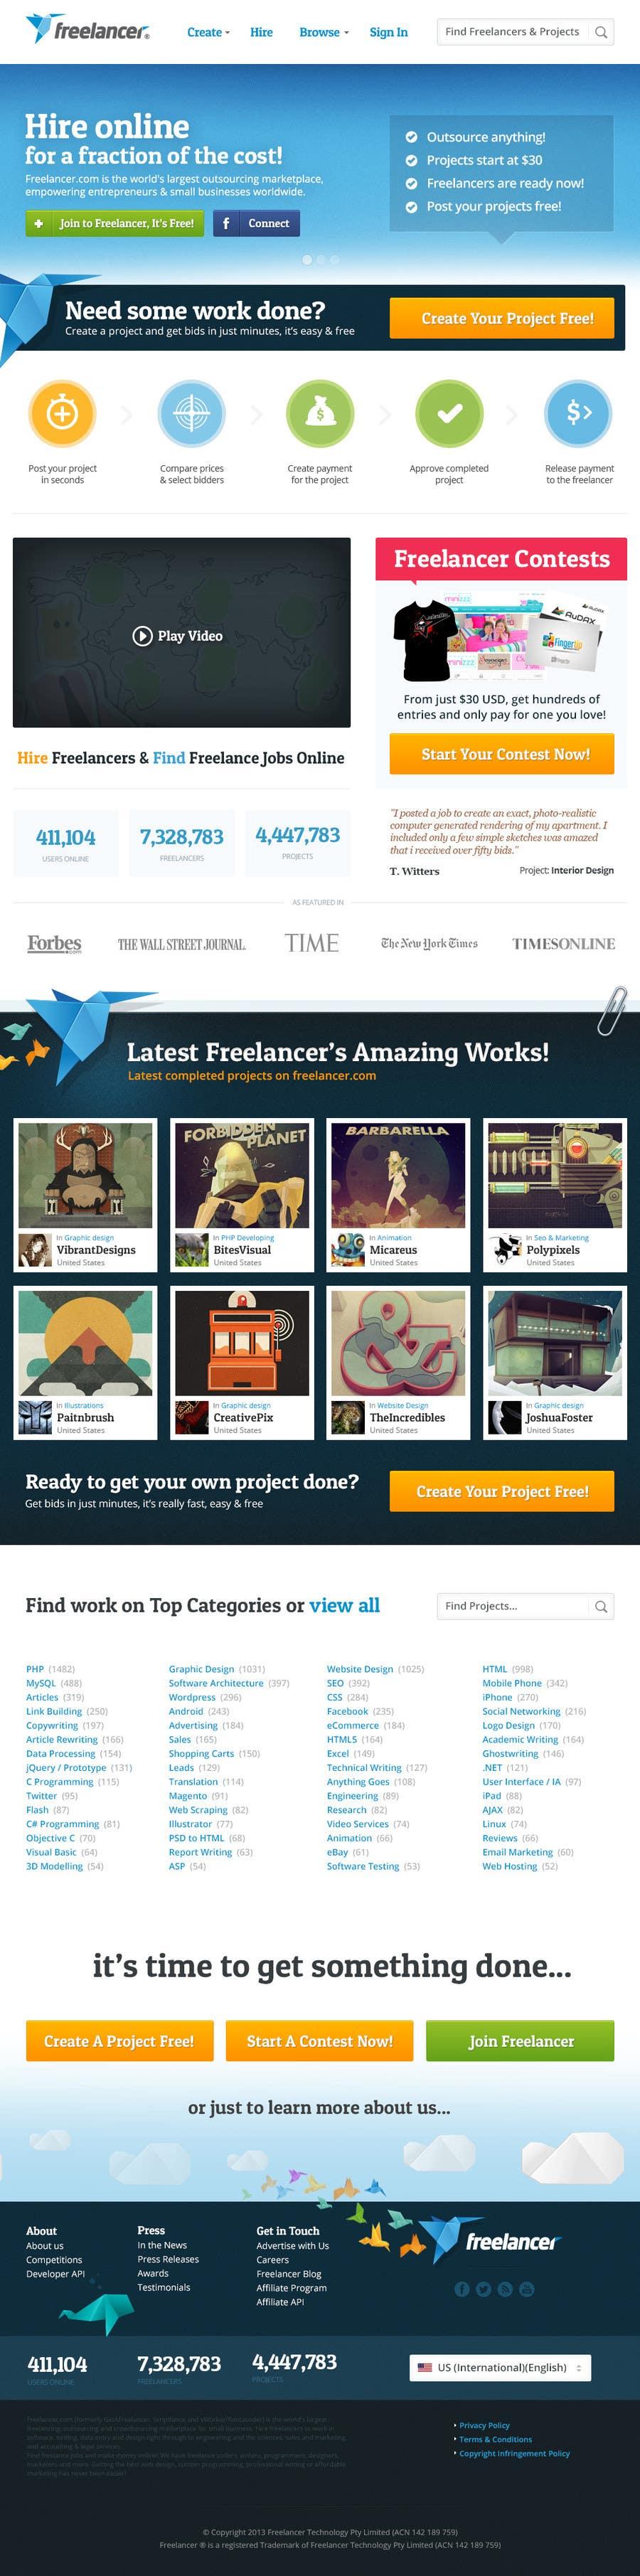 Contest Entry #265 for Freelancer.com contest! Design our Homepage!